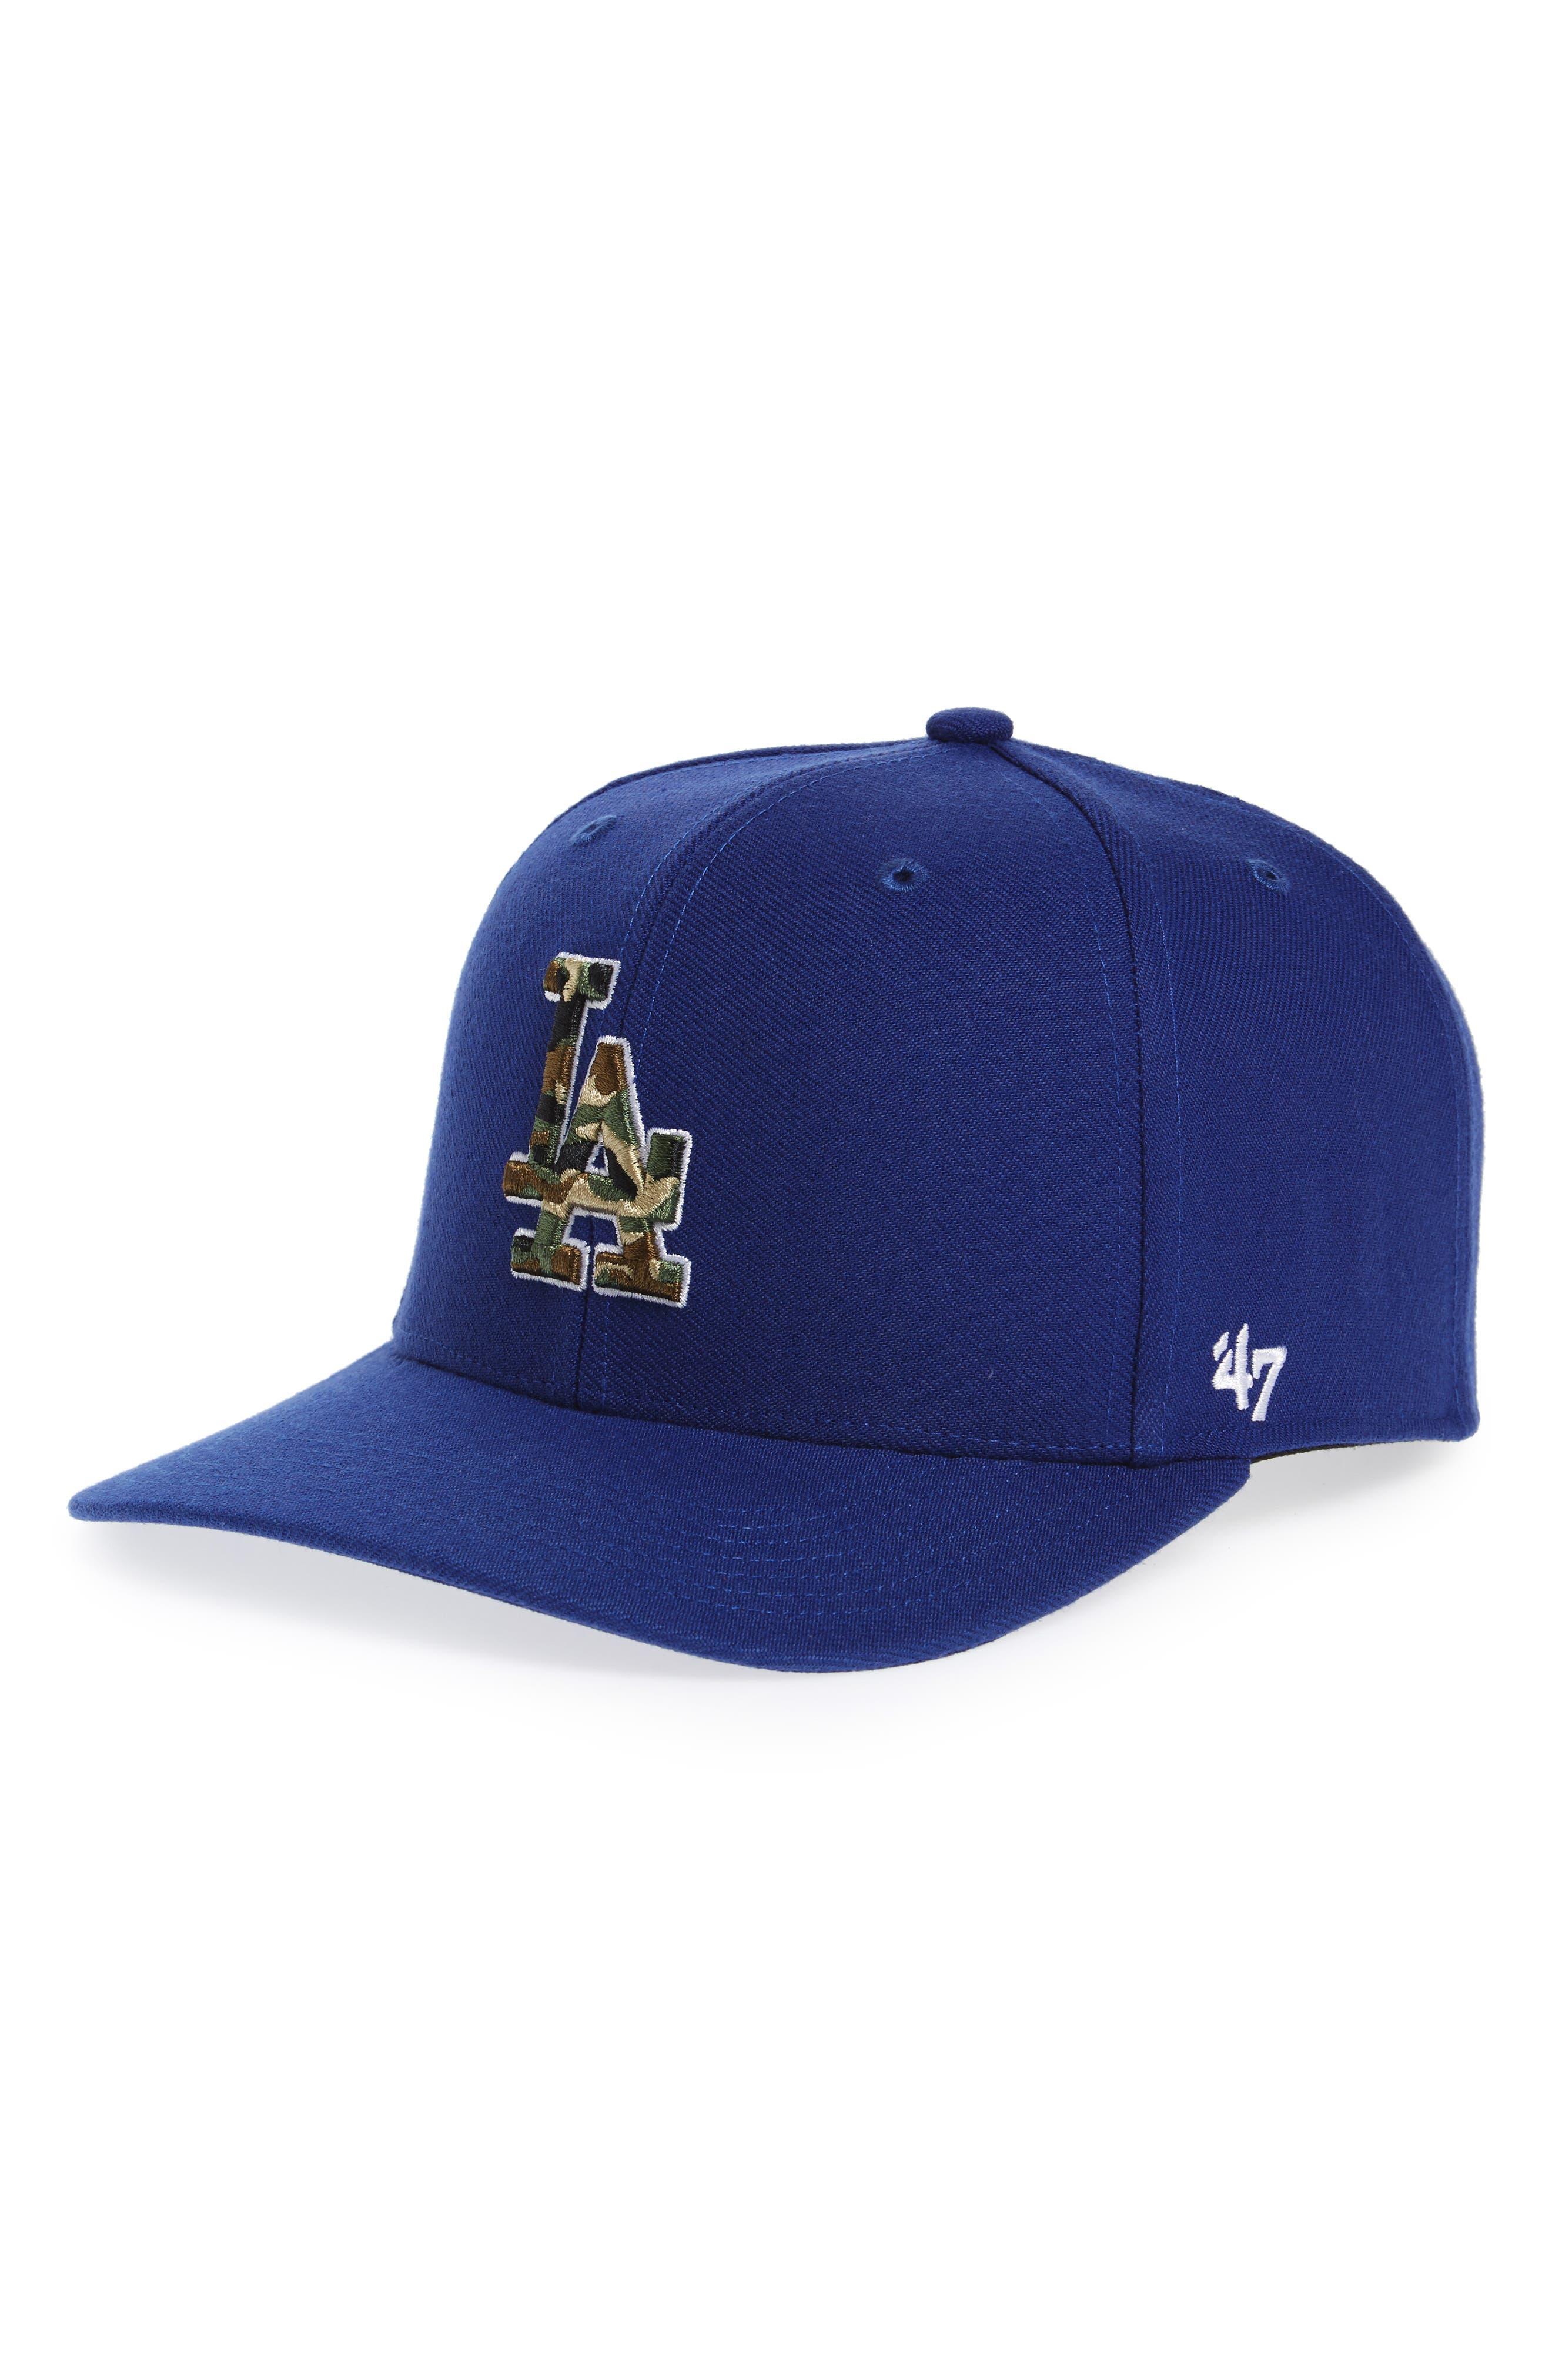 Los Angeles Dodgers - Camouflage Baseball Cap,                             Main thumbnail 1, color,                             Royal